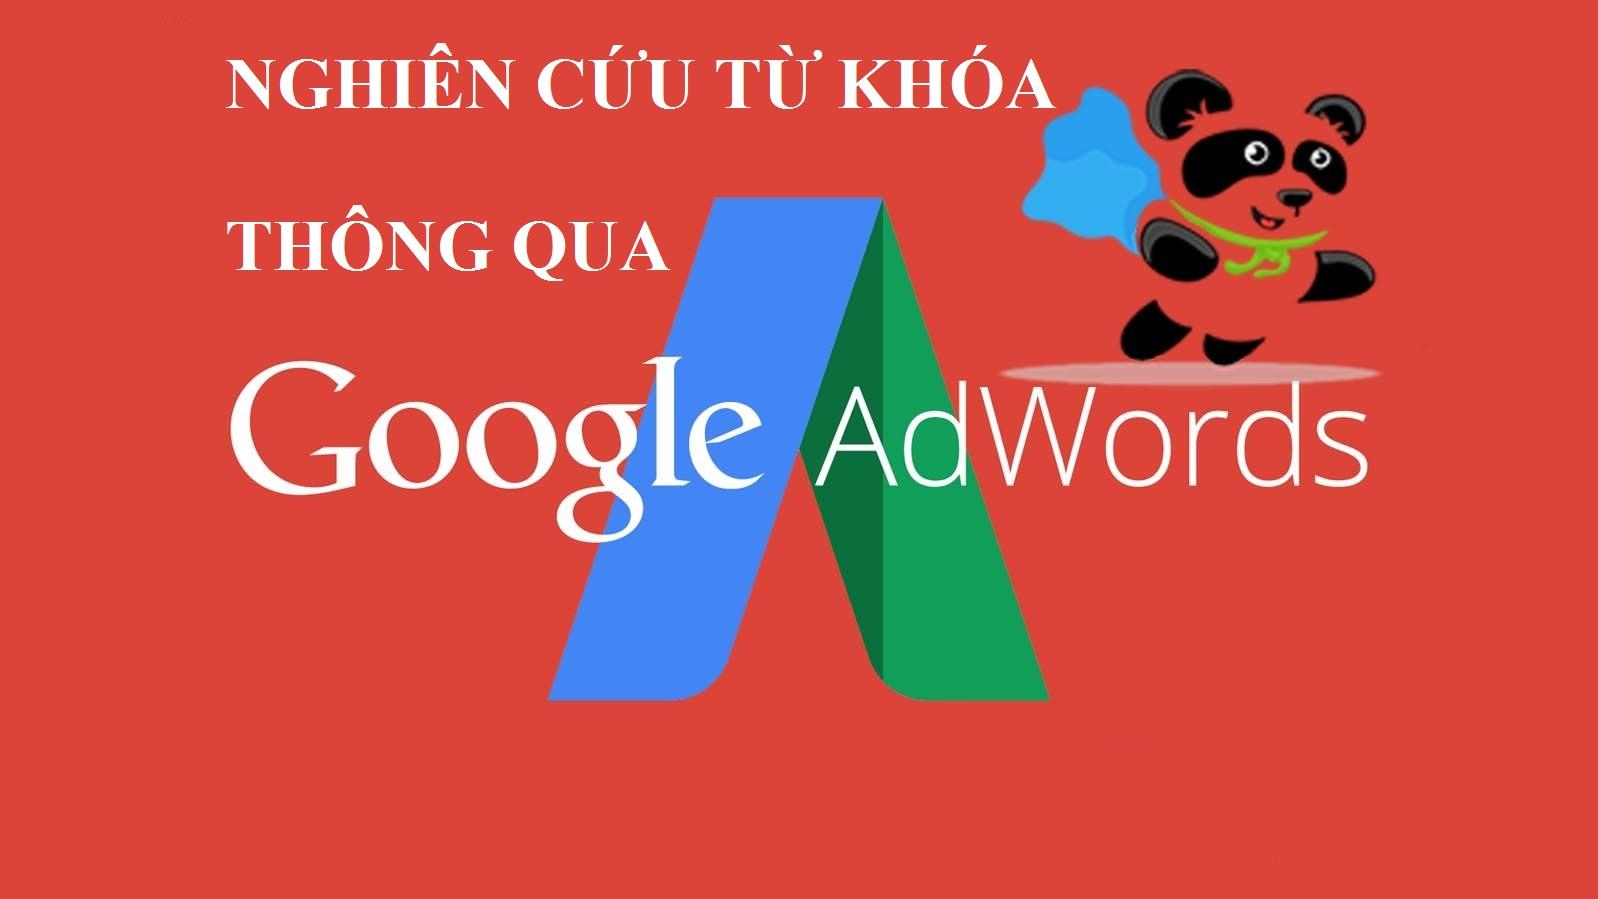 Sử dụng Google Adwords nghiên cứu từ khóa kéo traffic